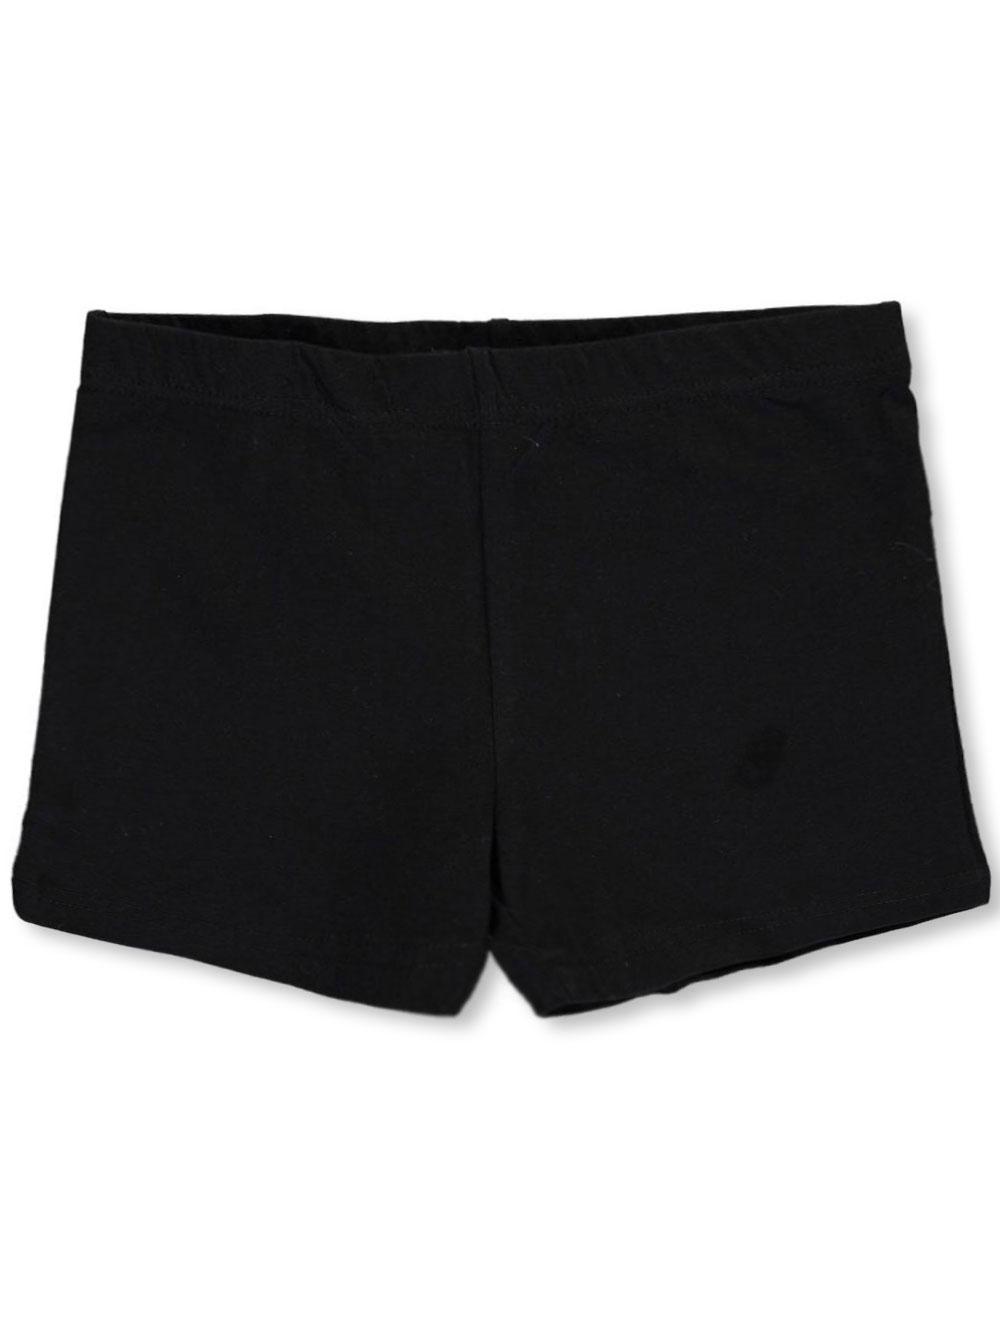 Image of French Toast School Uniform Big Girls Bike Shorts Sizes 7  16  black 7  8